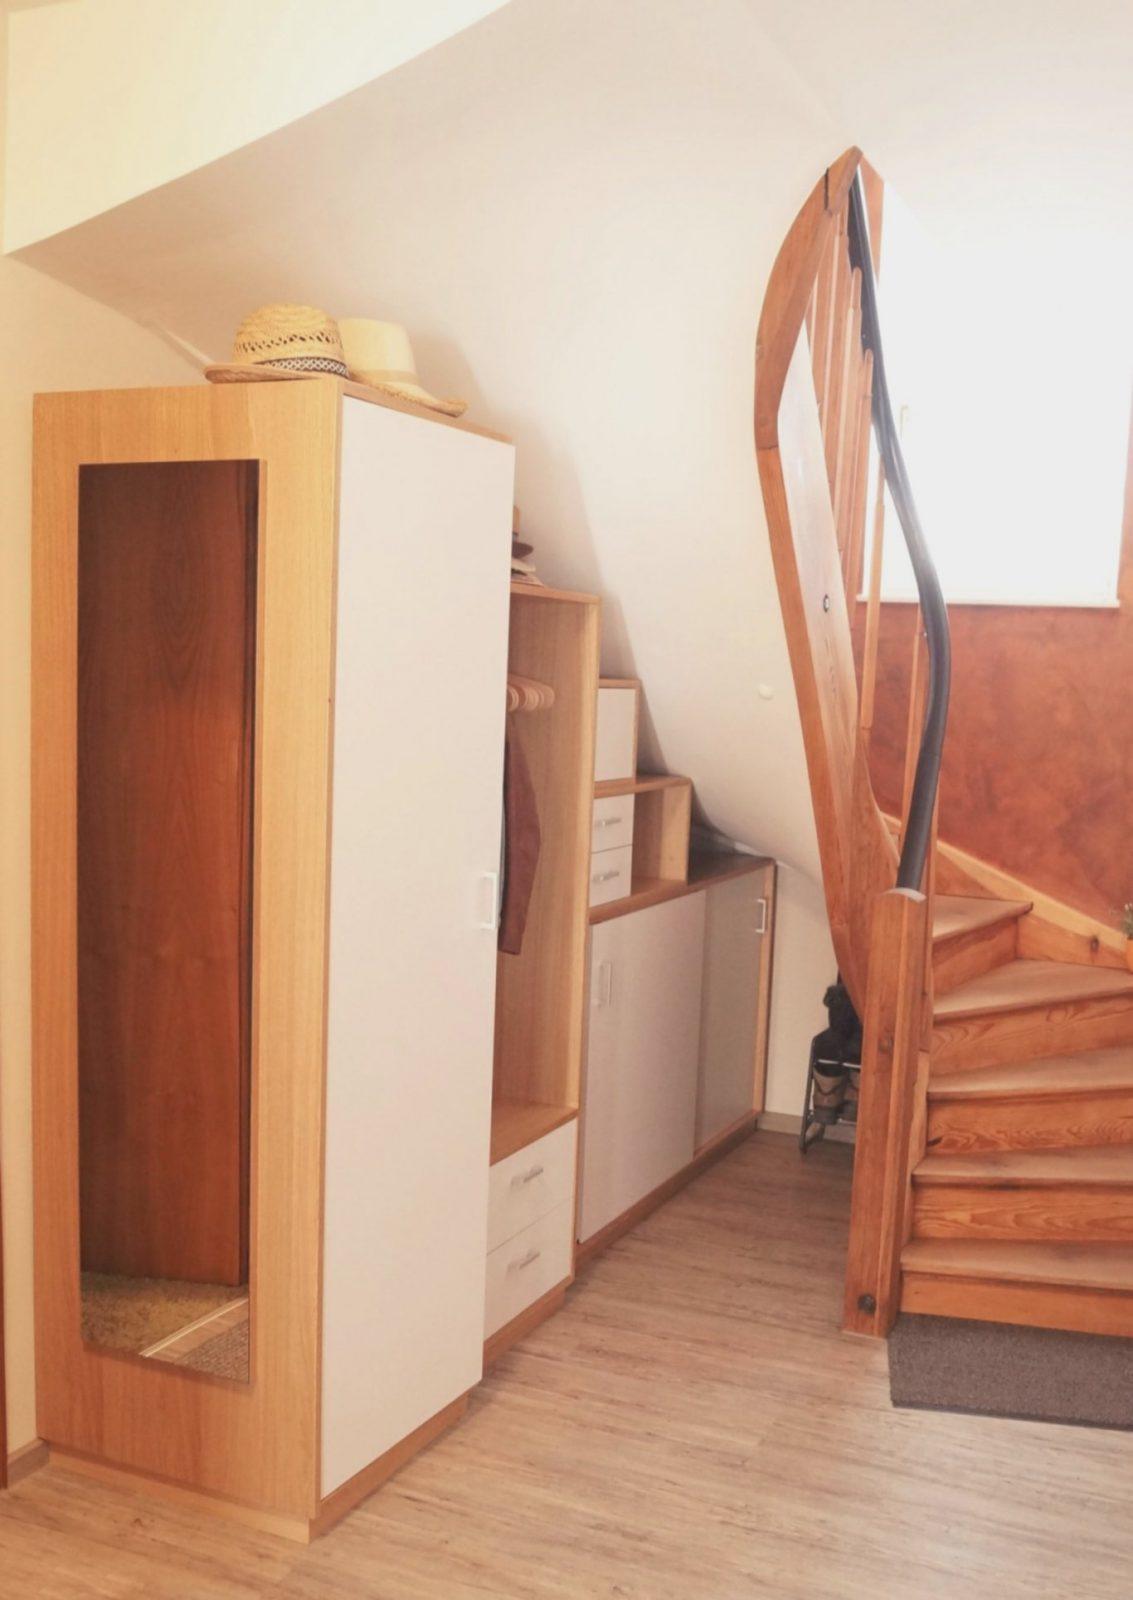 Stauraum Treppe Beispiele Frisch Schrank Unter Treppe In Nische von Schrank Unter Treppe Kaufen Bild